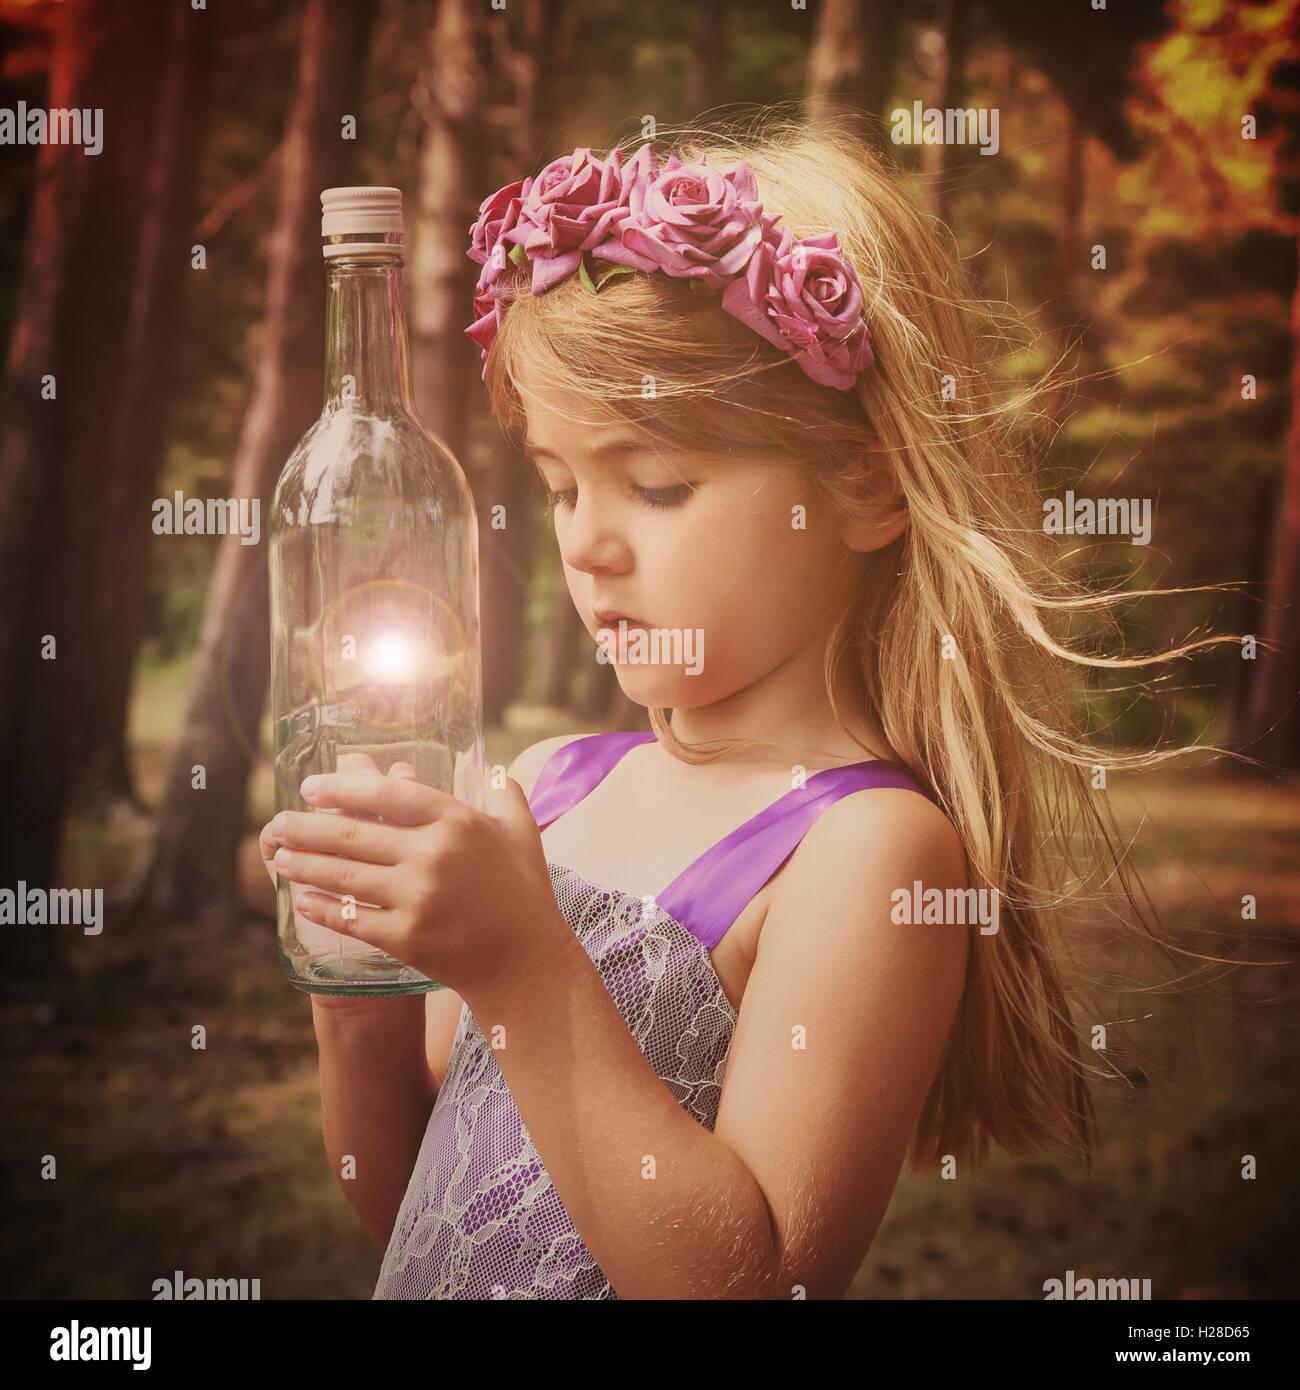 Ein kleine Fee Mädchen ist im Wald mit Blick auf eine magische Flasche für eine Vorstellung oder Phantasie Stockbild